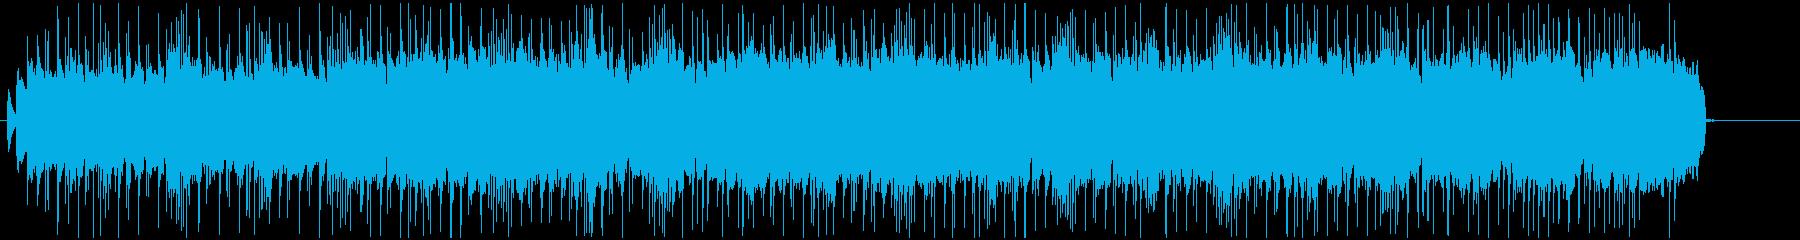 トラブルが迫ってくる不気味なハードロックの再生済みの波形